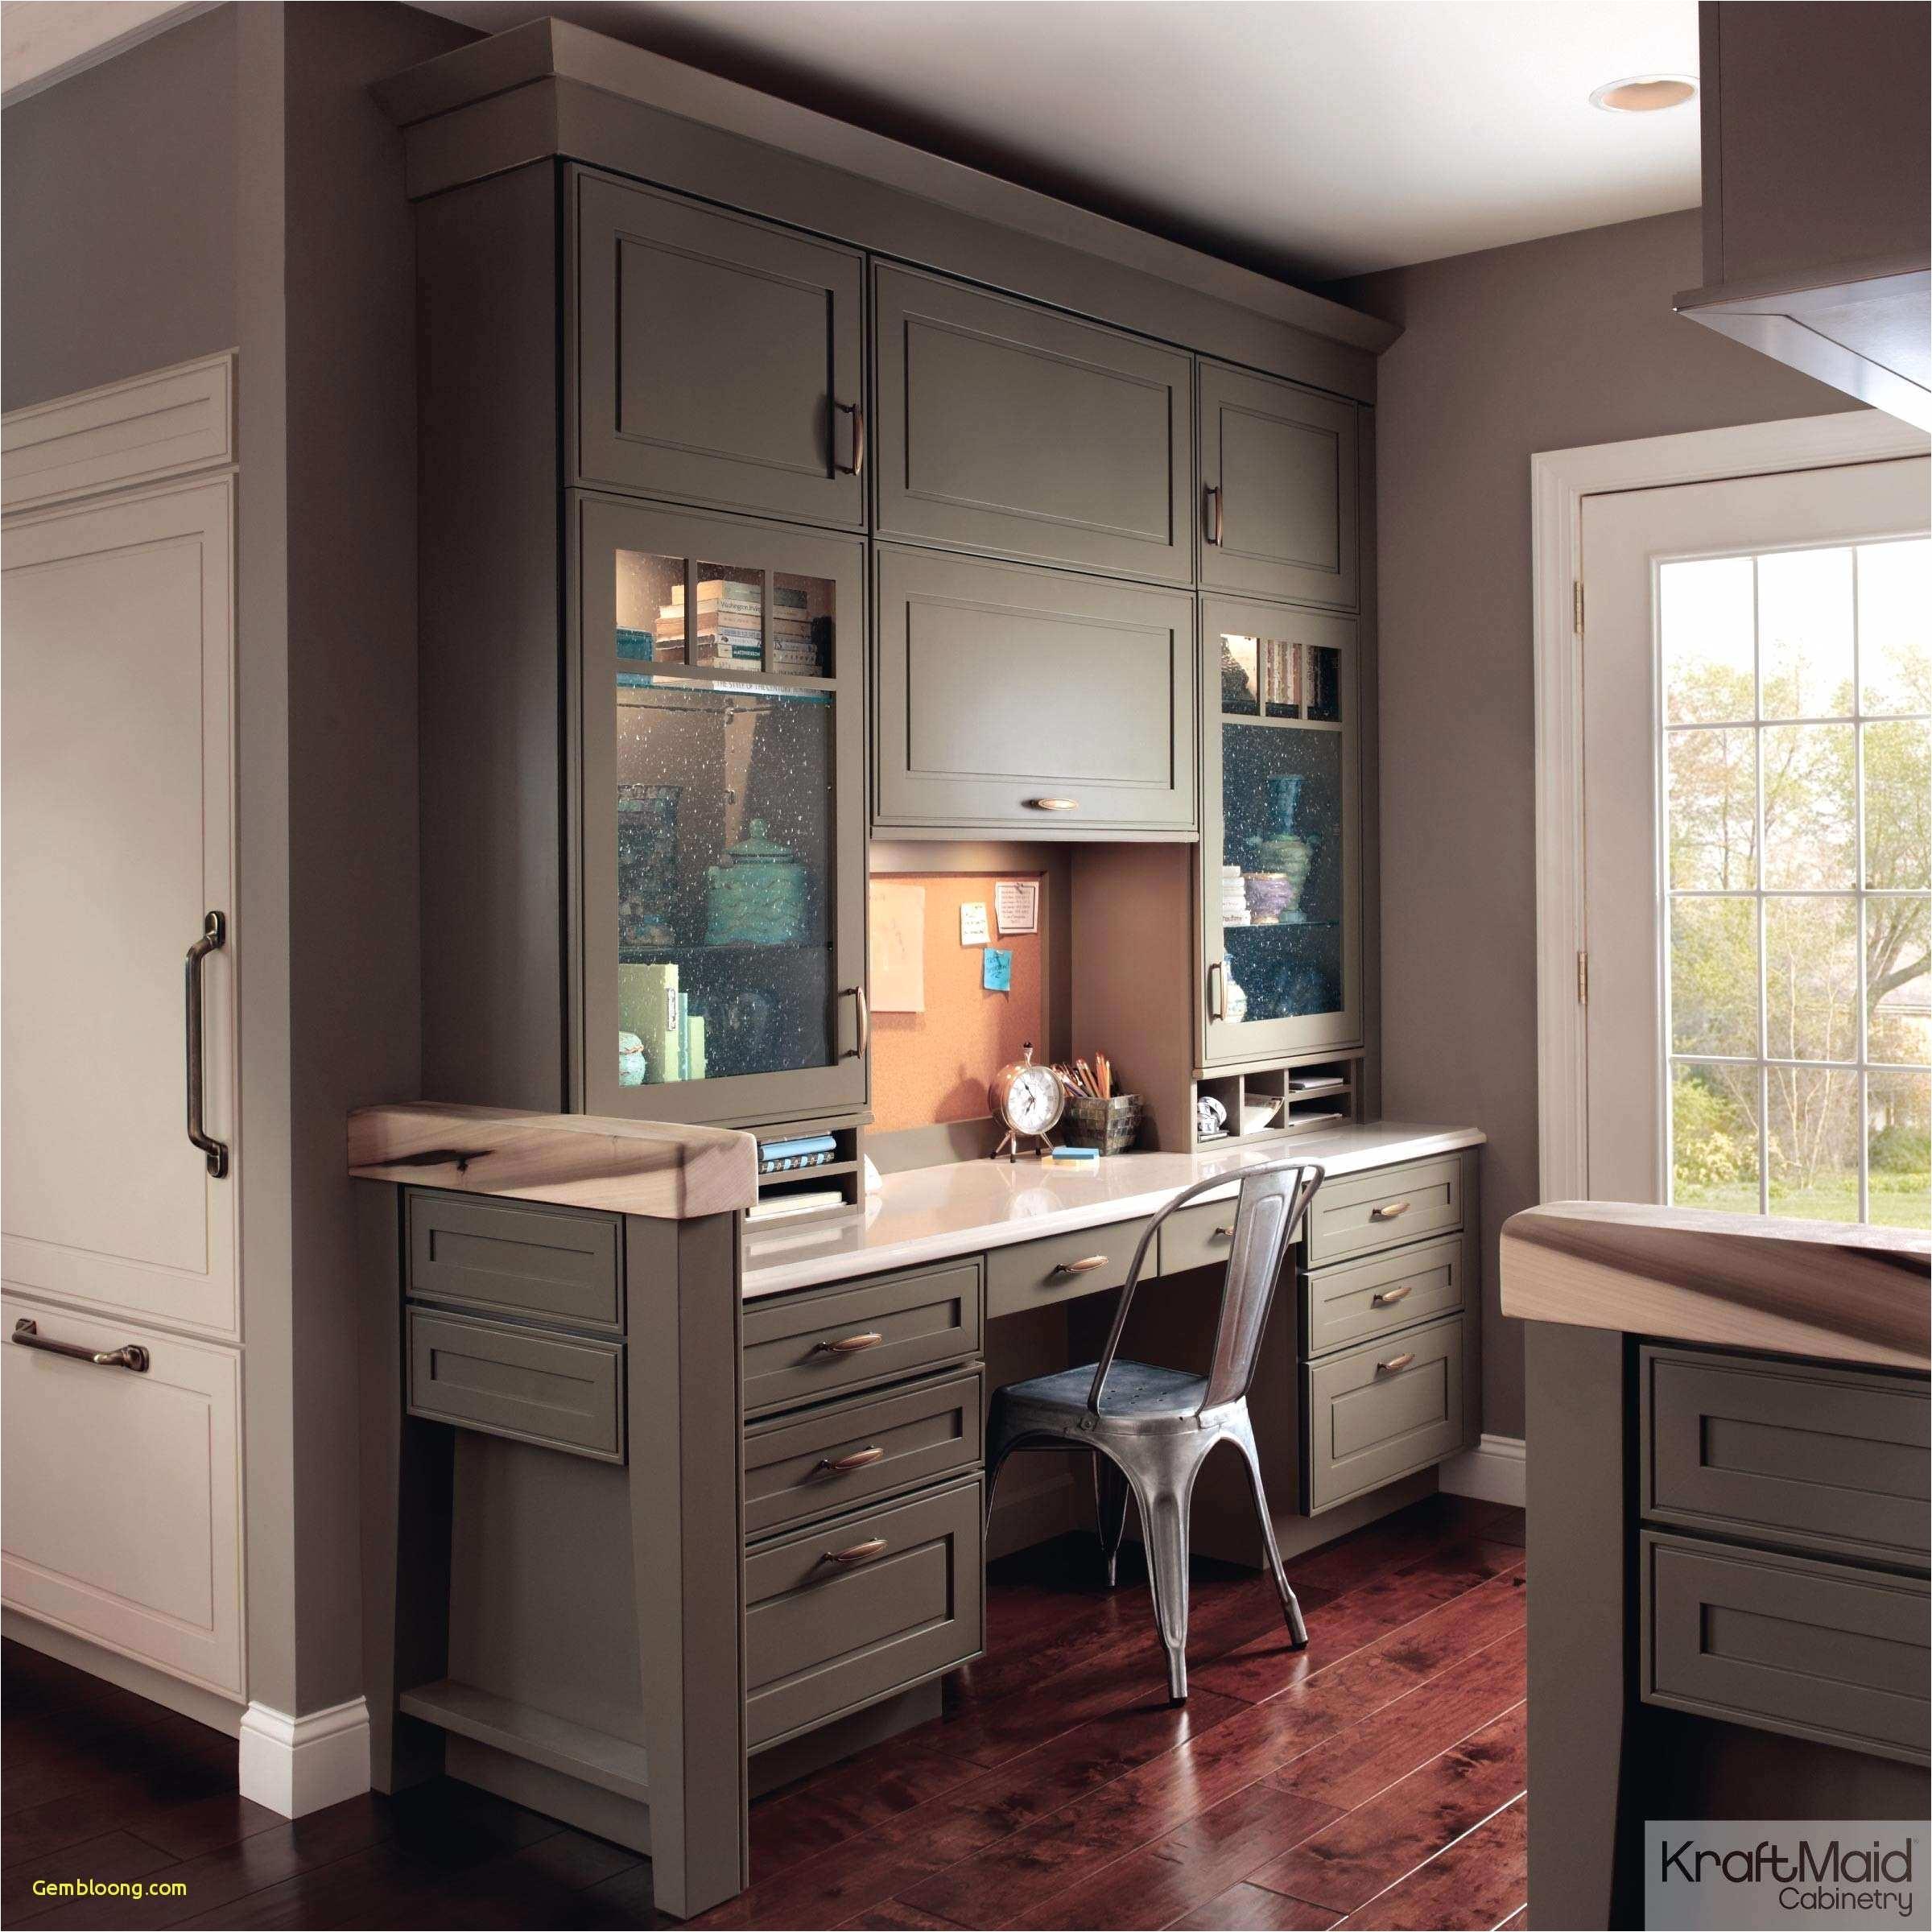 Upper Corner Kitchen Cabinet Awesome Pickled Maple Kitchen Cabinets Awesome Kitchen Cabinet 0d Kitchen Image